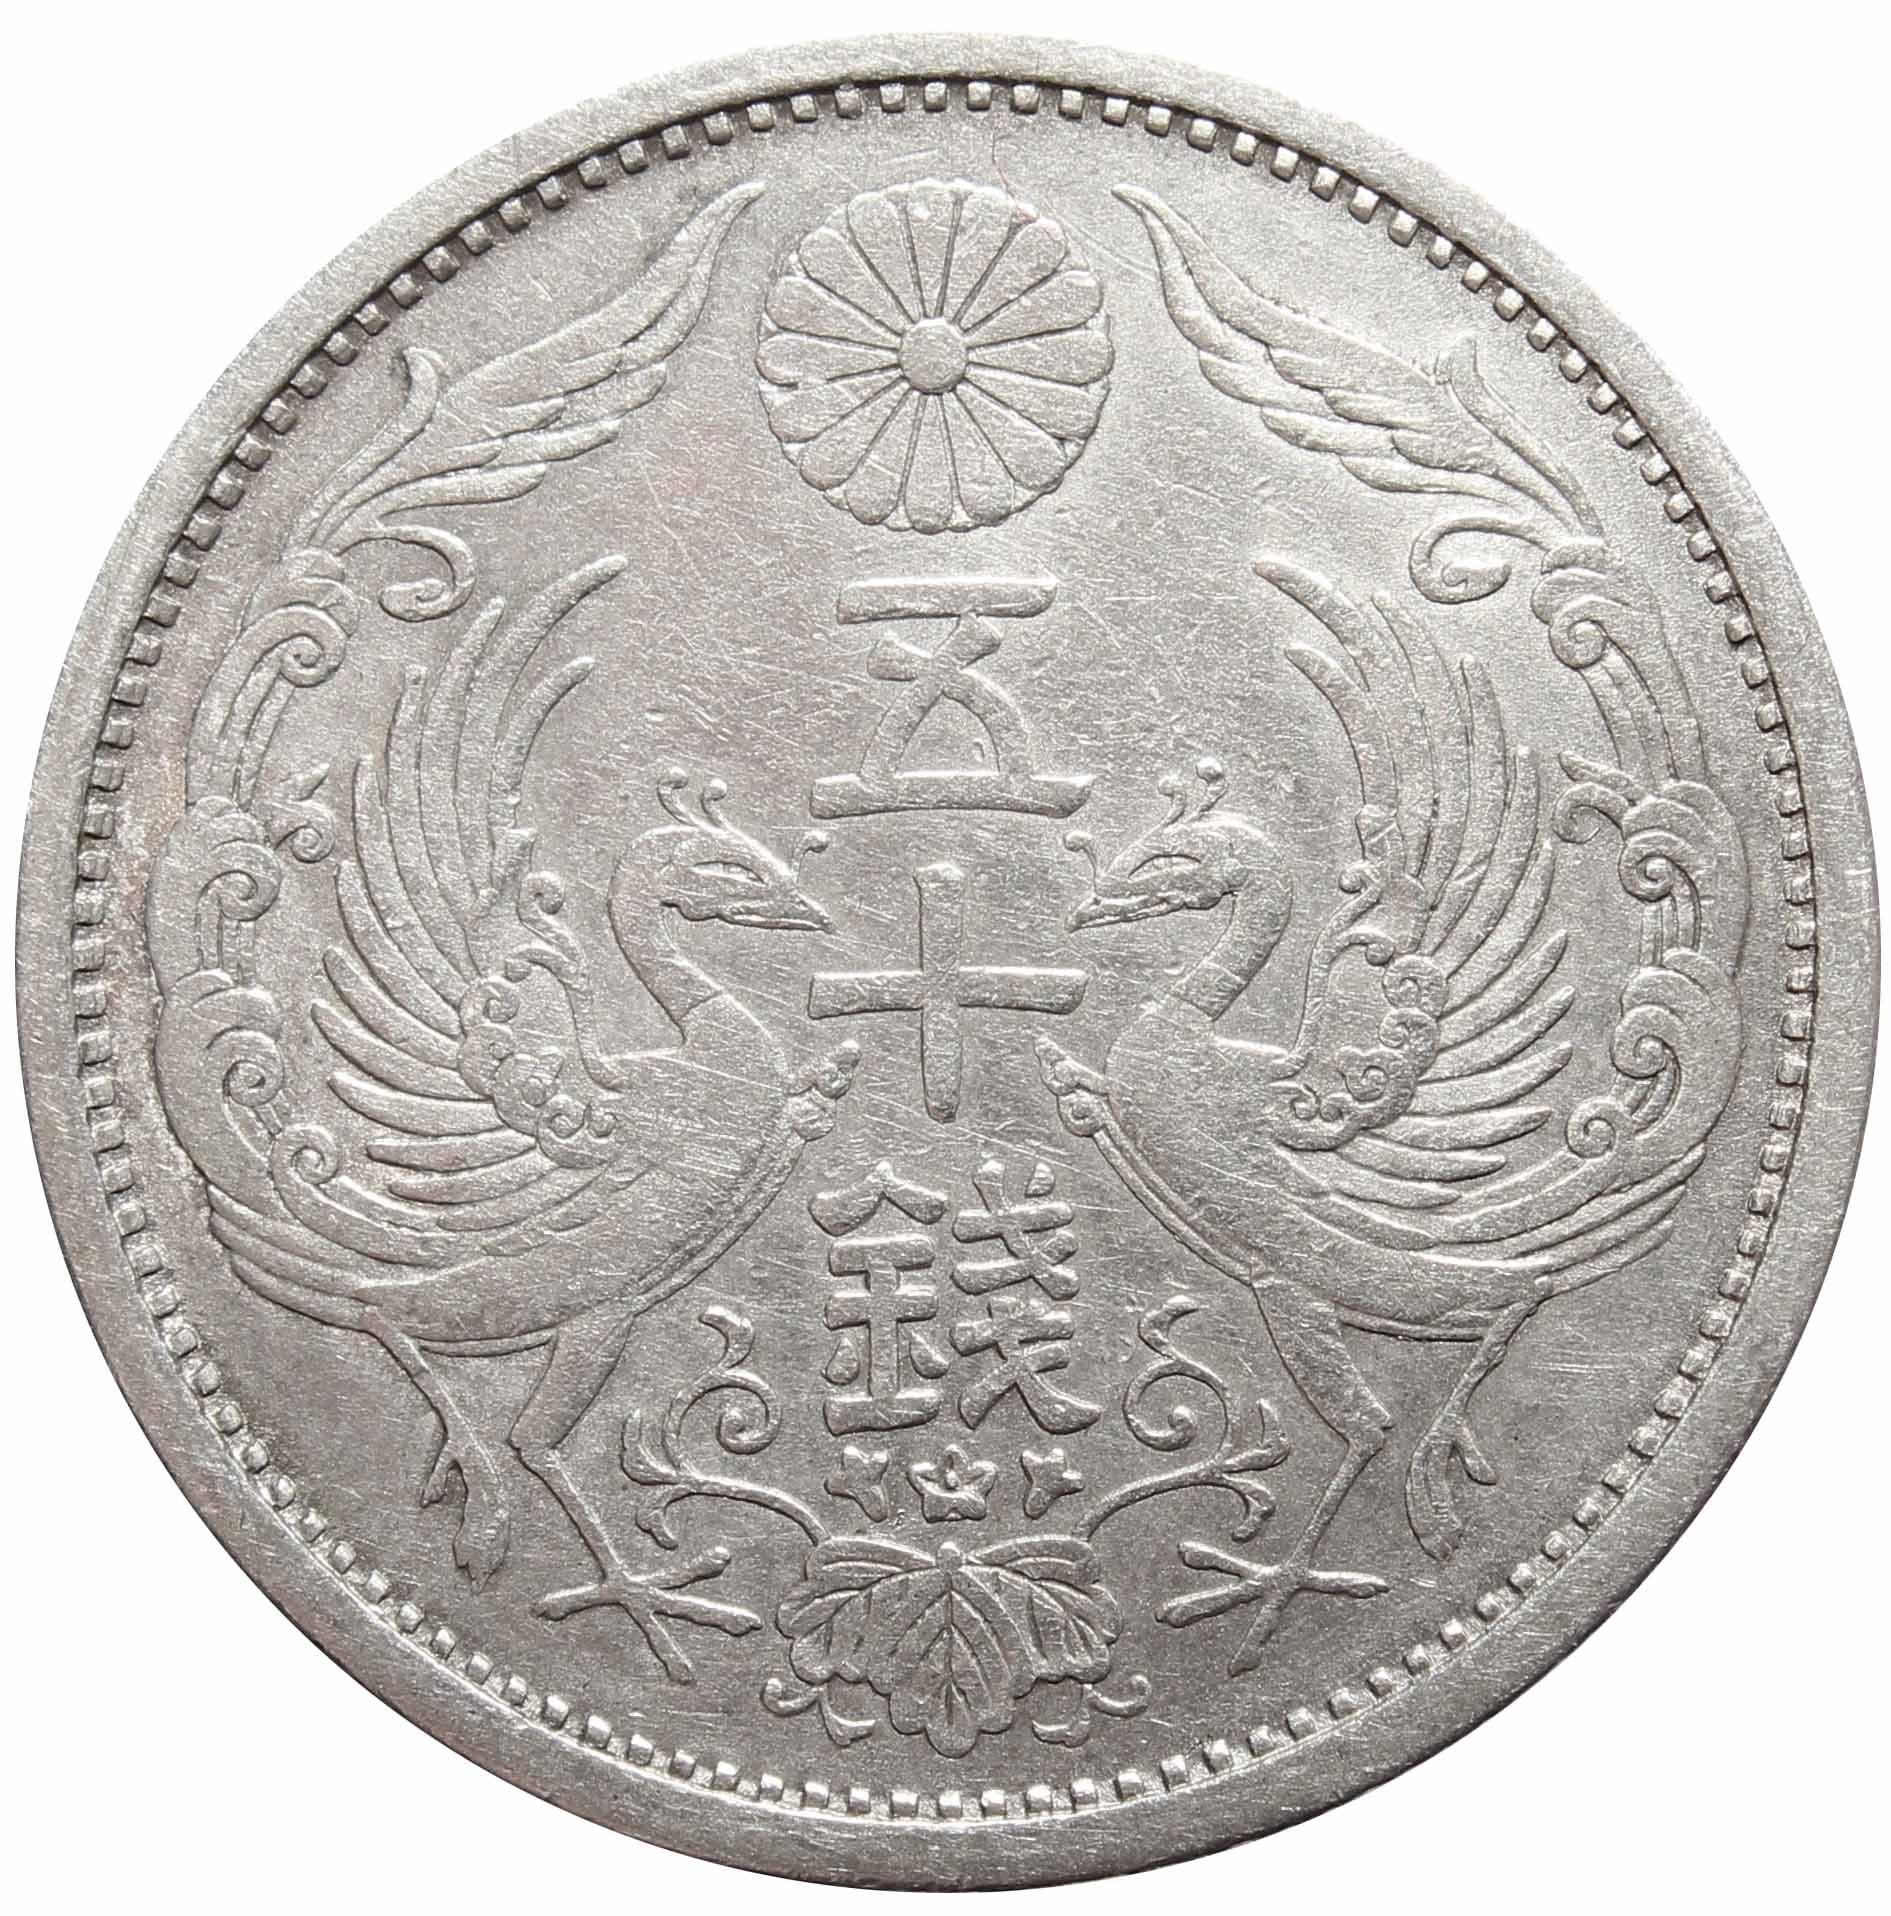 50 сен 1926 год Император Ёсихито (Тайсё) Япония Серебро XF